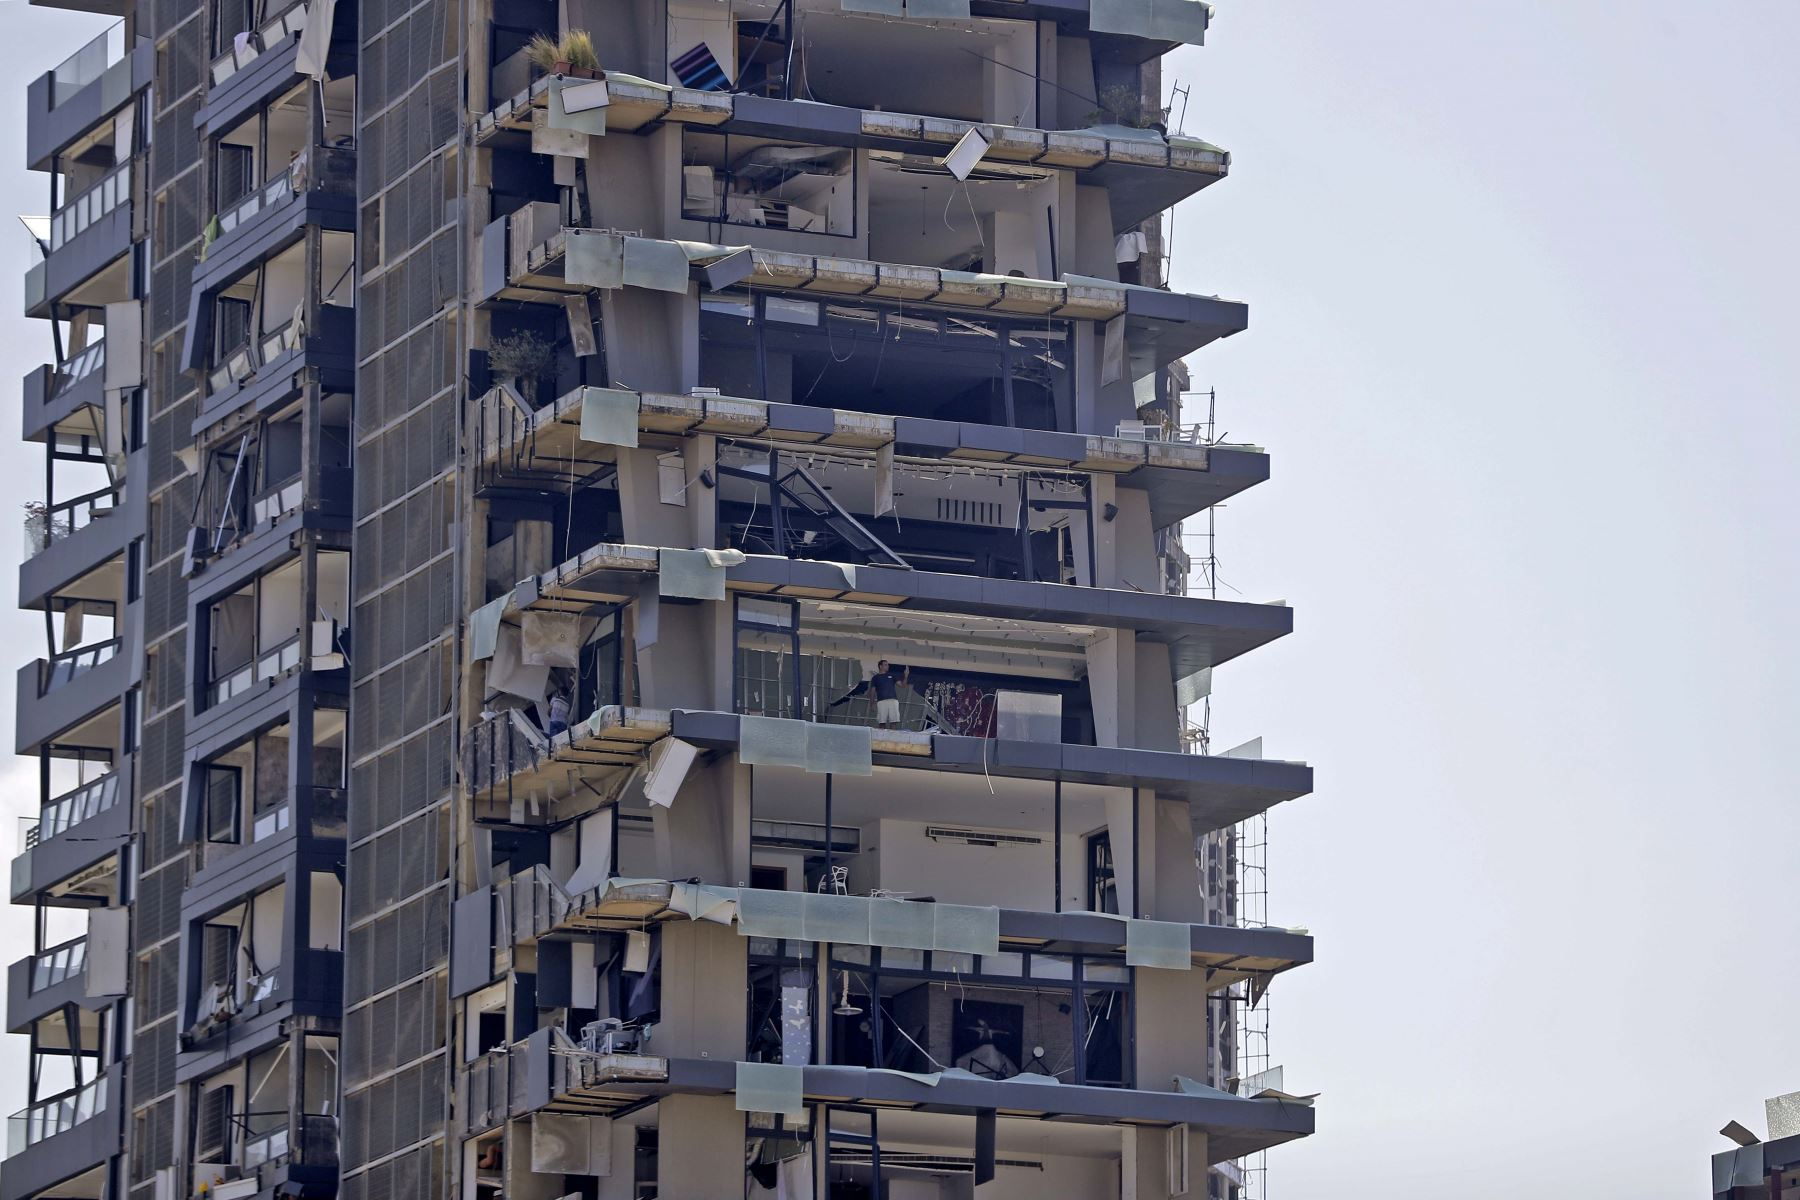 Edificios residenciales a la redonda también se vieron afectados tras la explosión en el puerto de Beirut. Foto: AFP